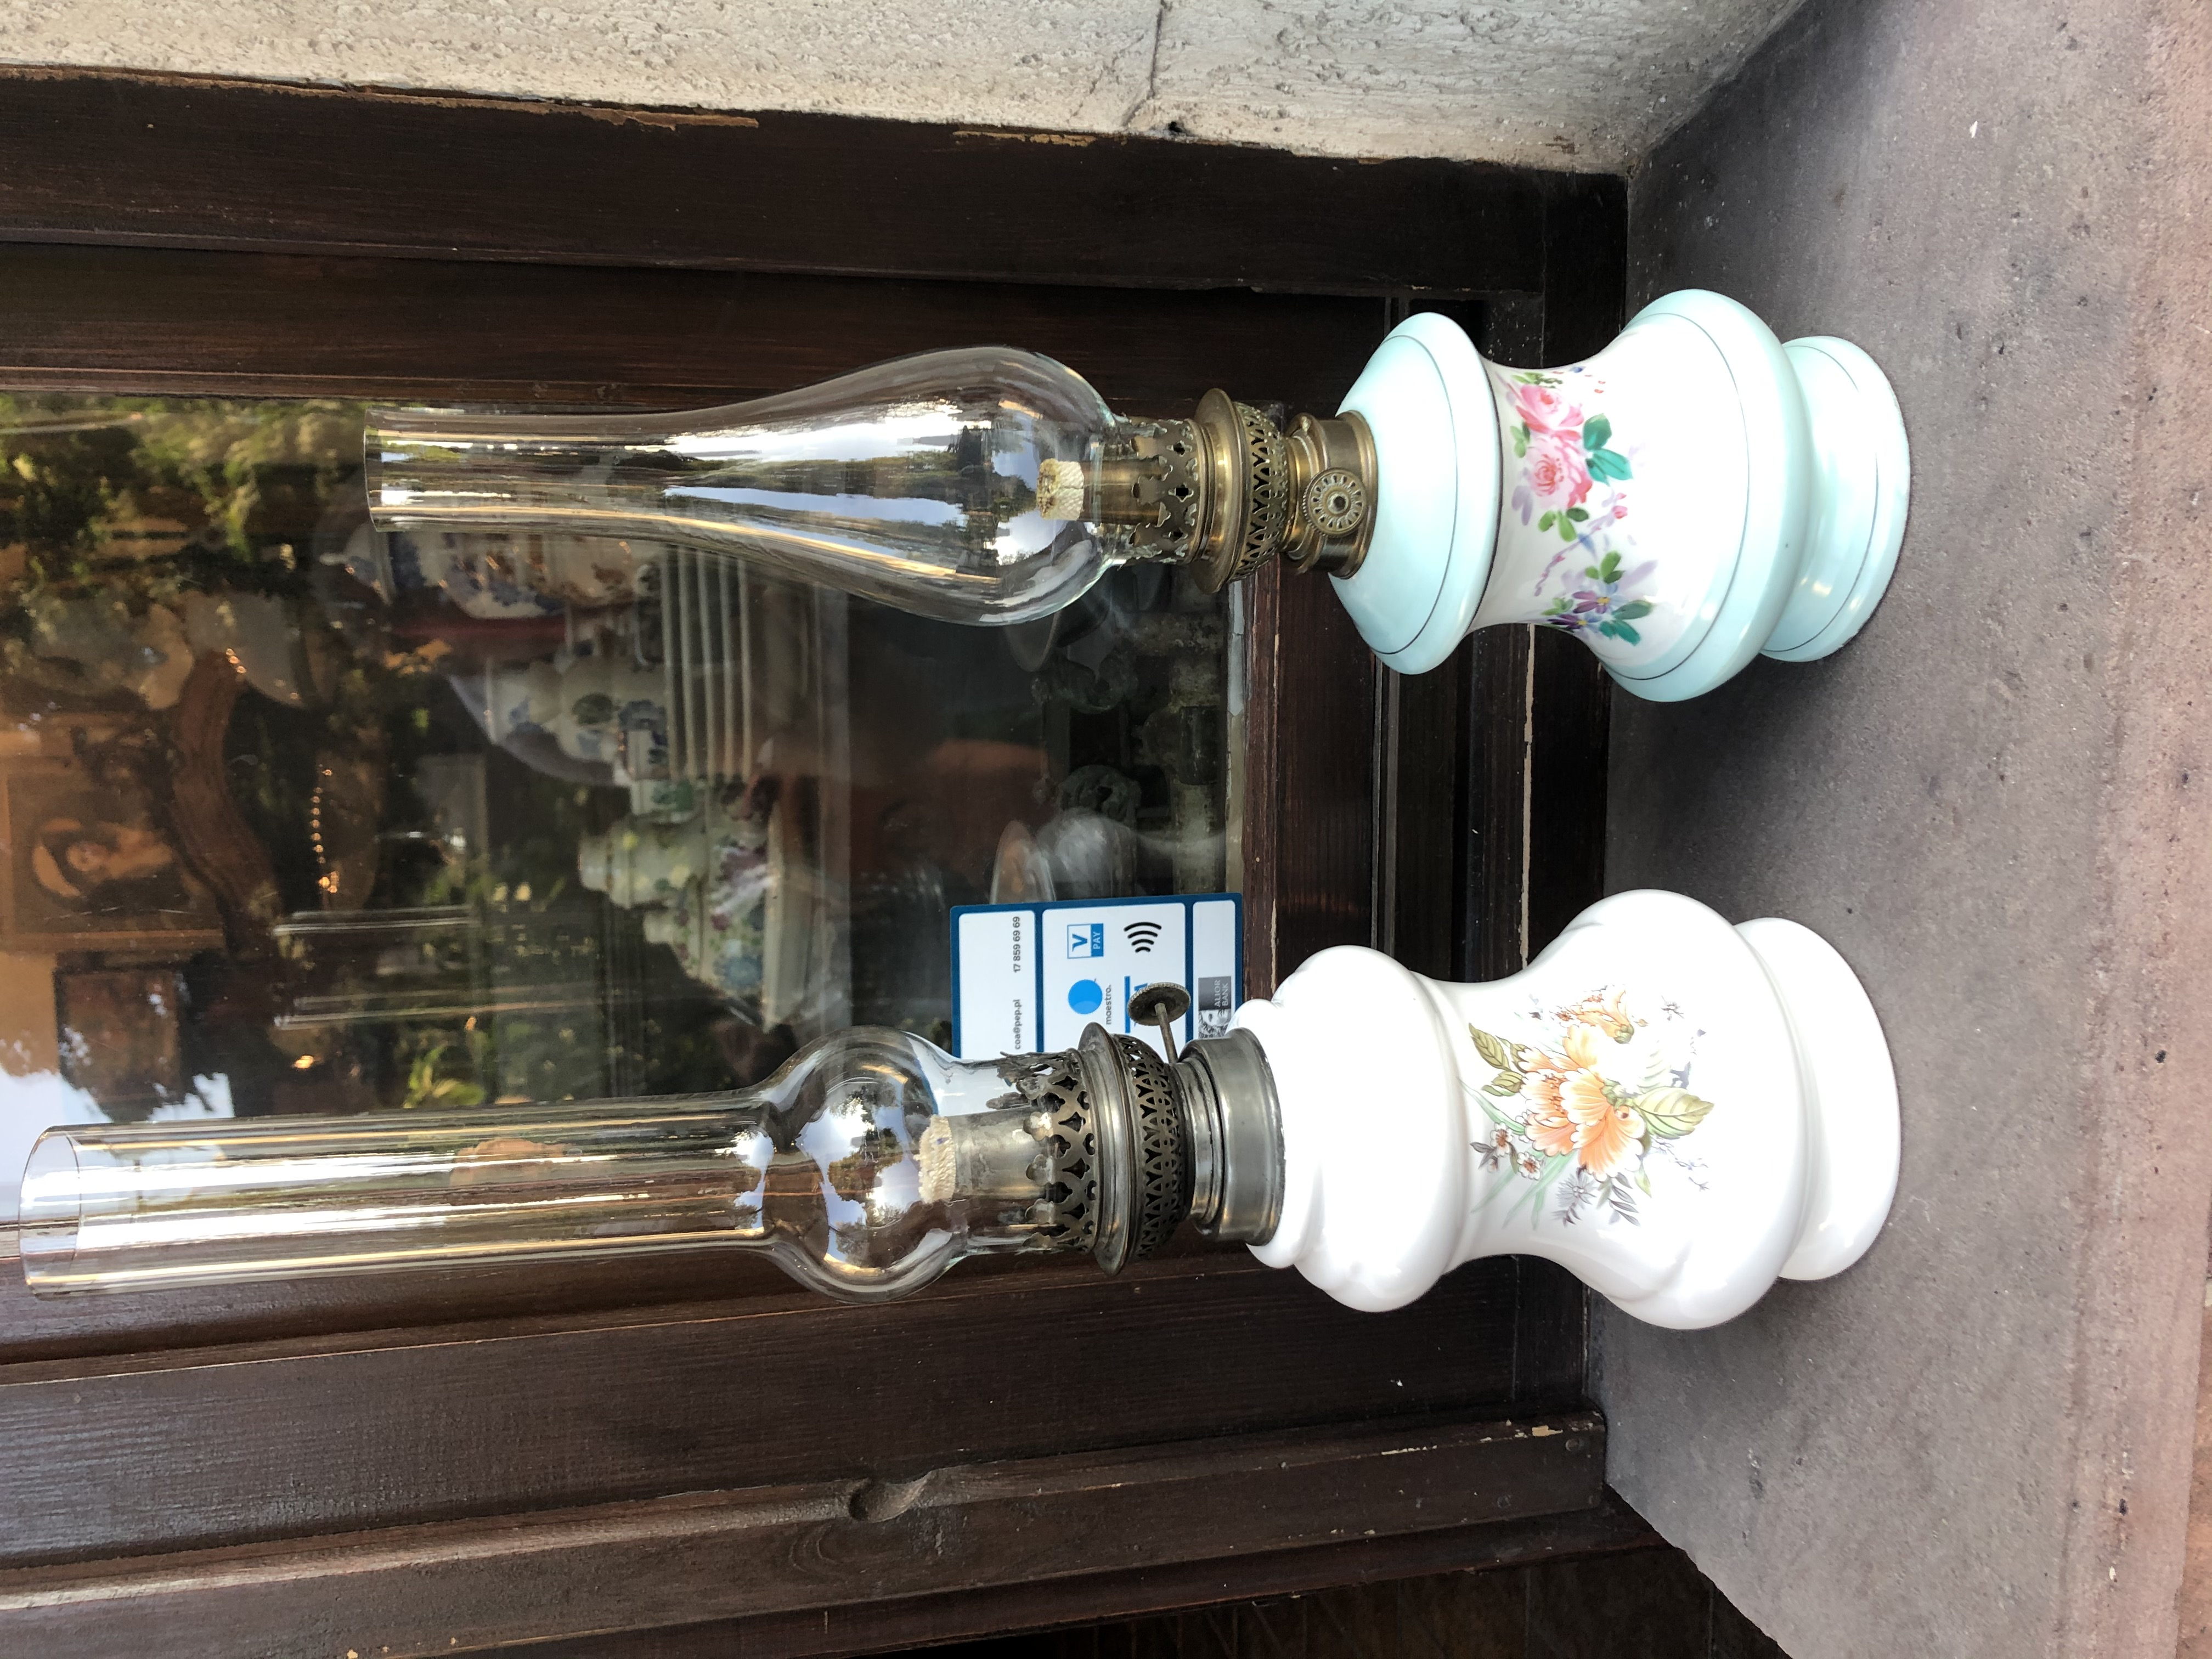 2 lampy naftowe